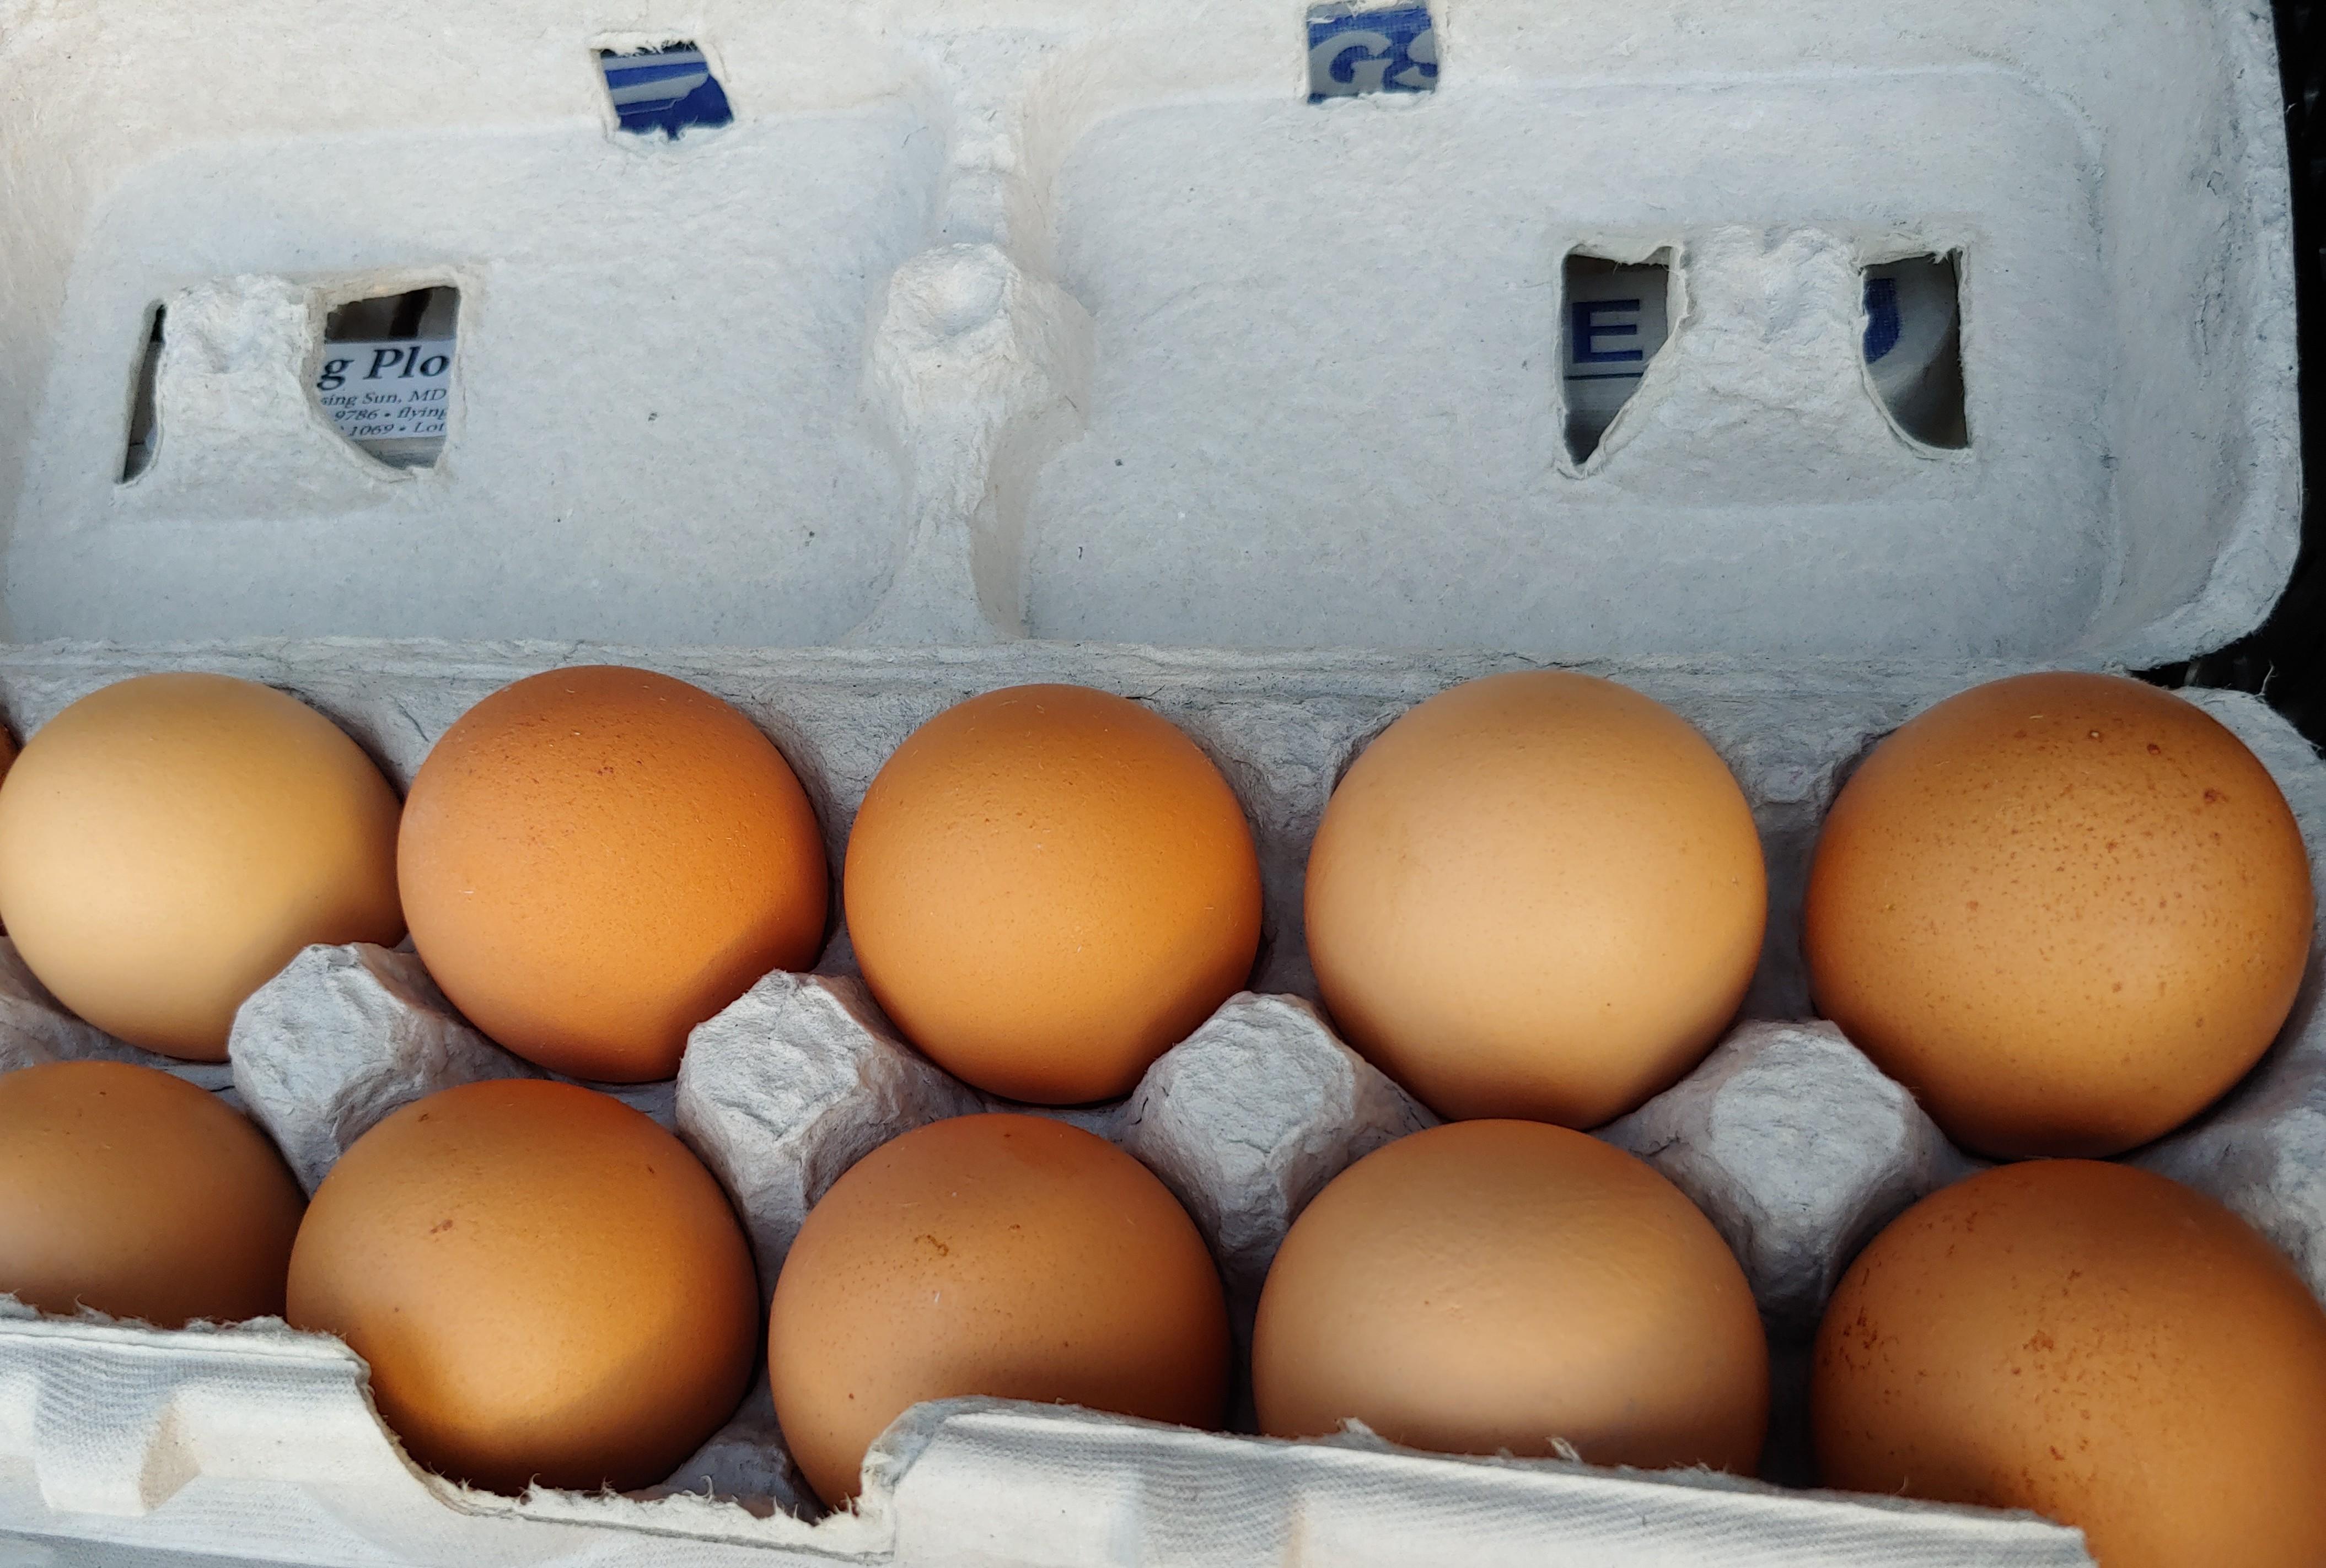 Spring Dozen Egg Share